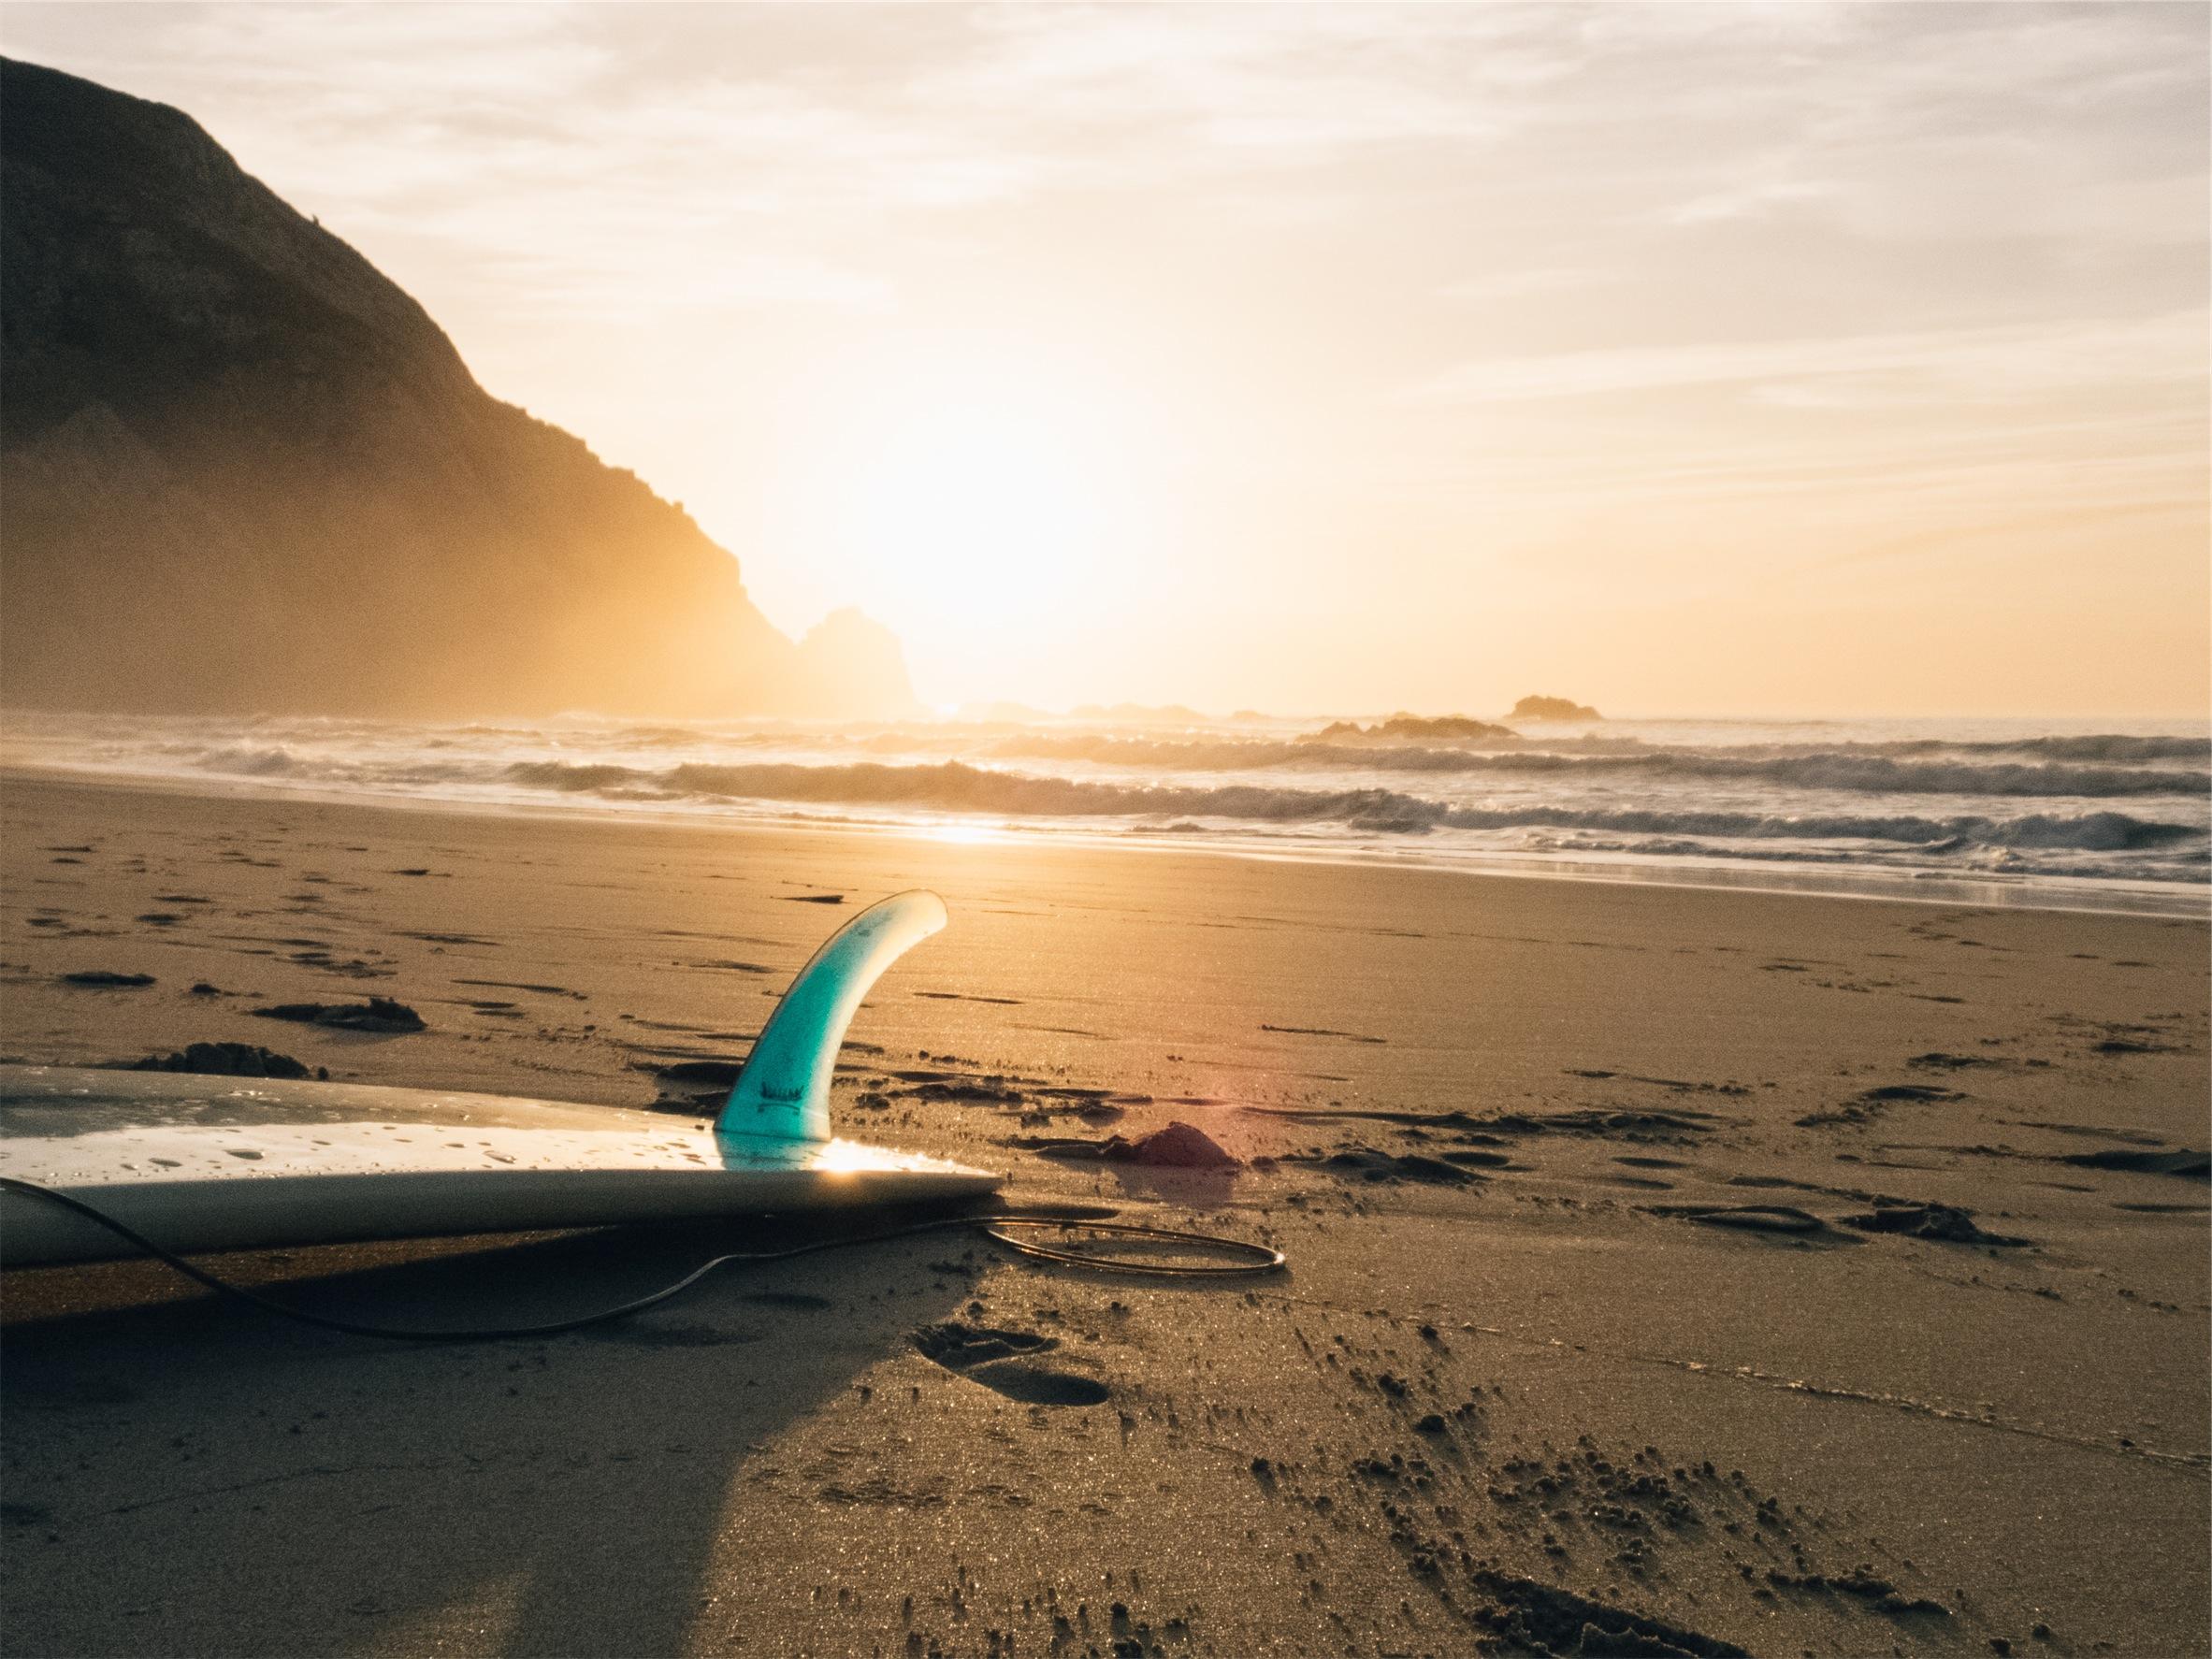 Surfboard on the beach, beach, surf, surfers, waves, beach, sunset, sand, sun